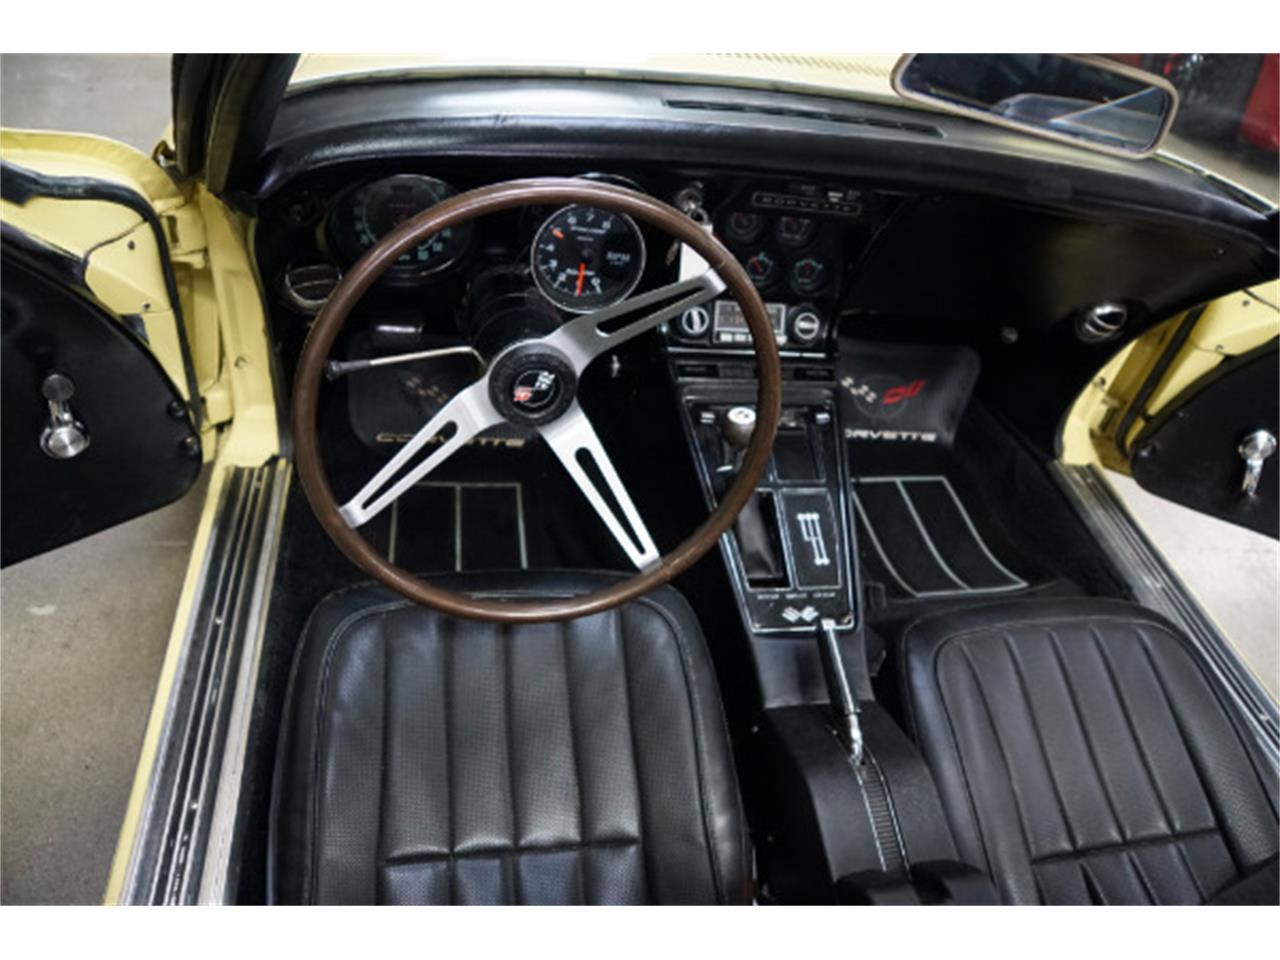 Large Picture of 1968 Corvette located in California - $37,500.00 - Q3PH